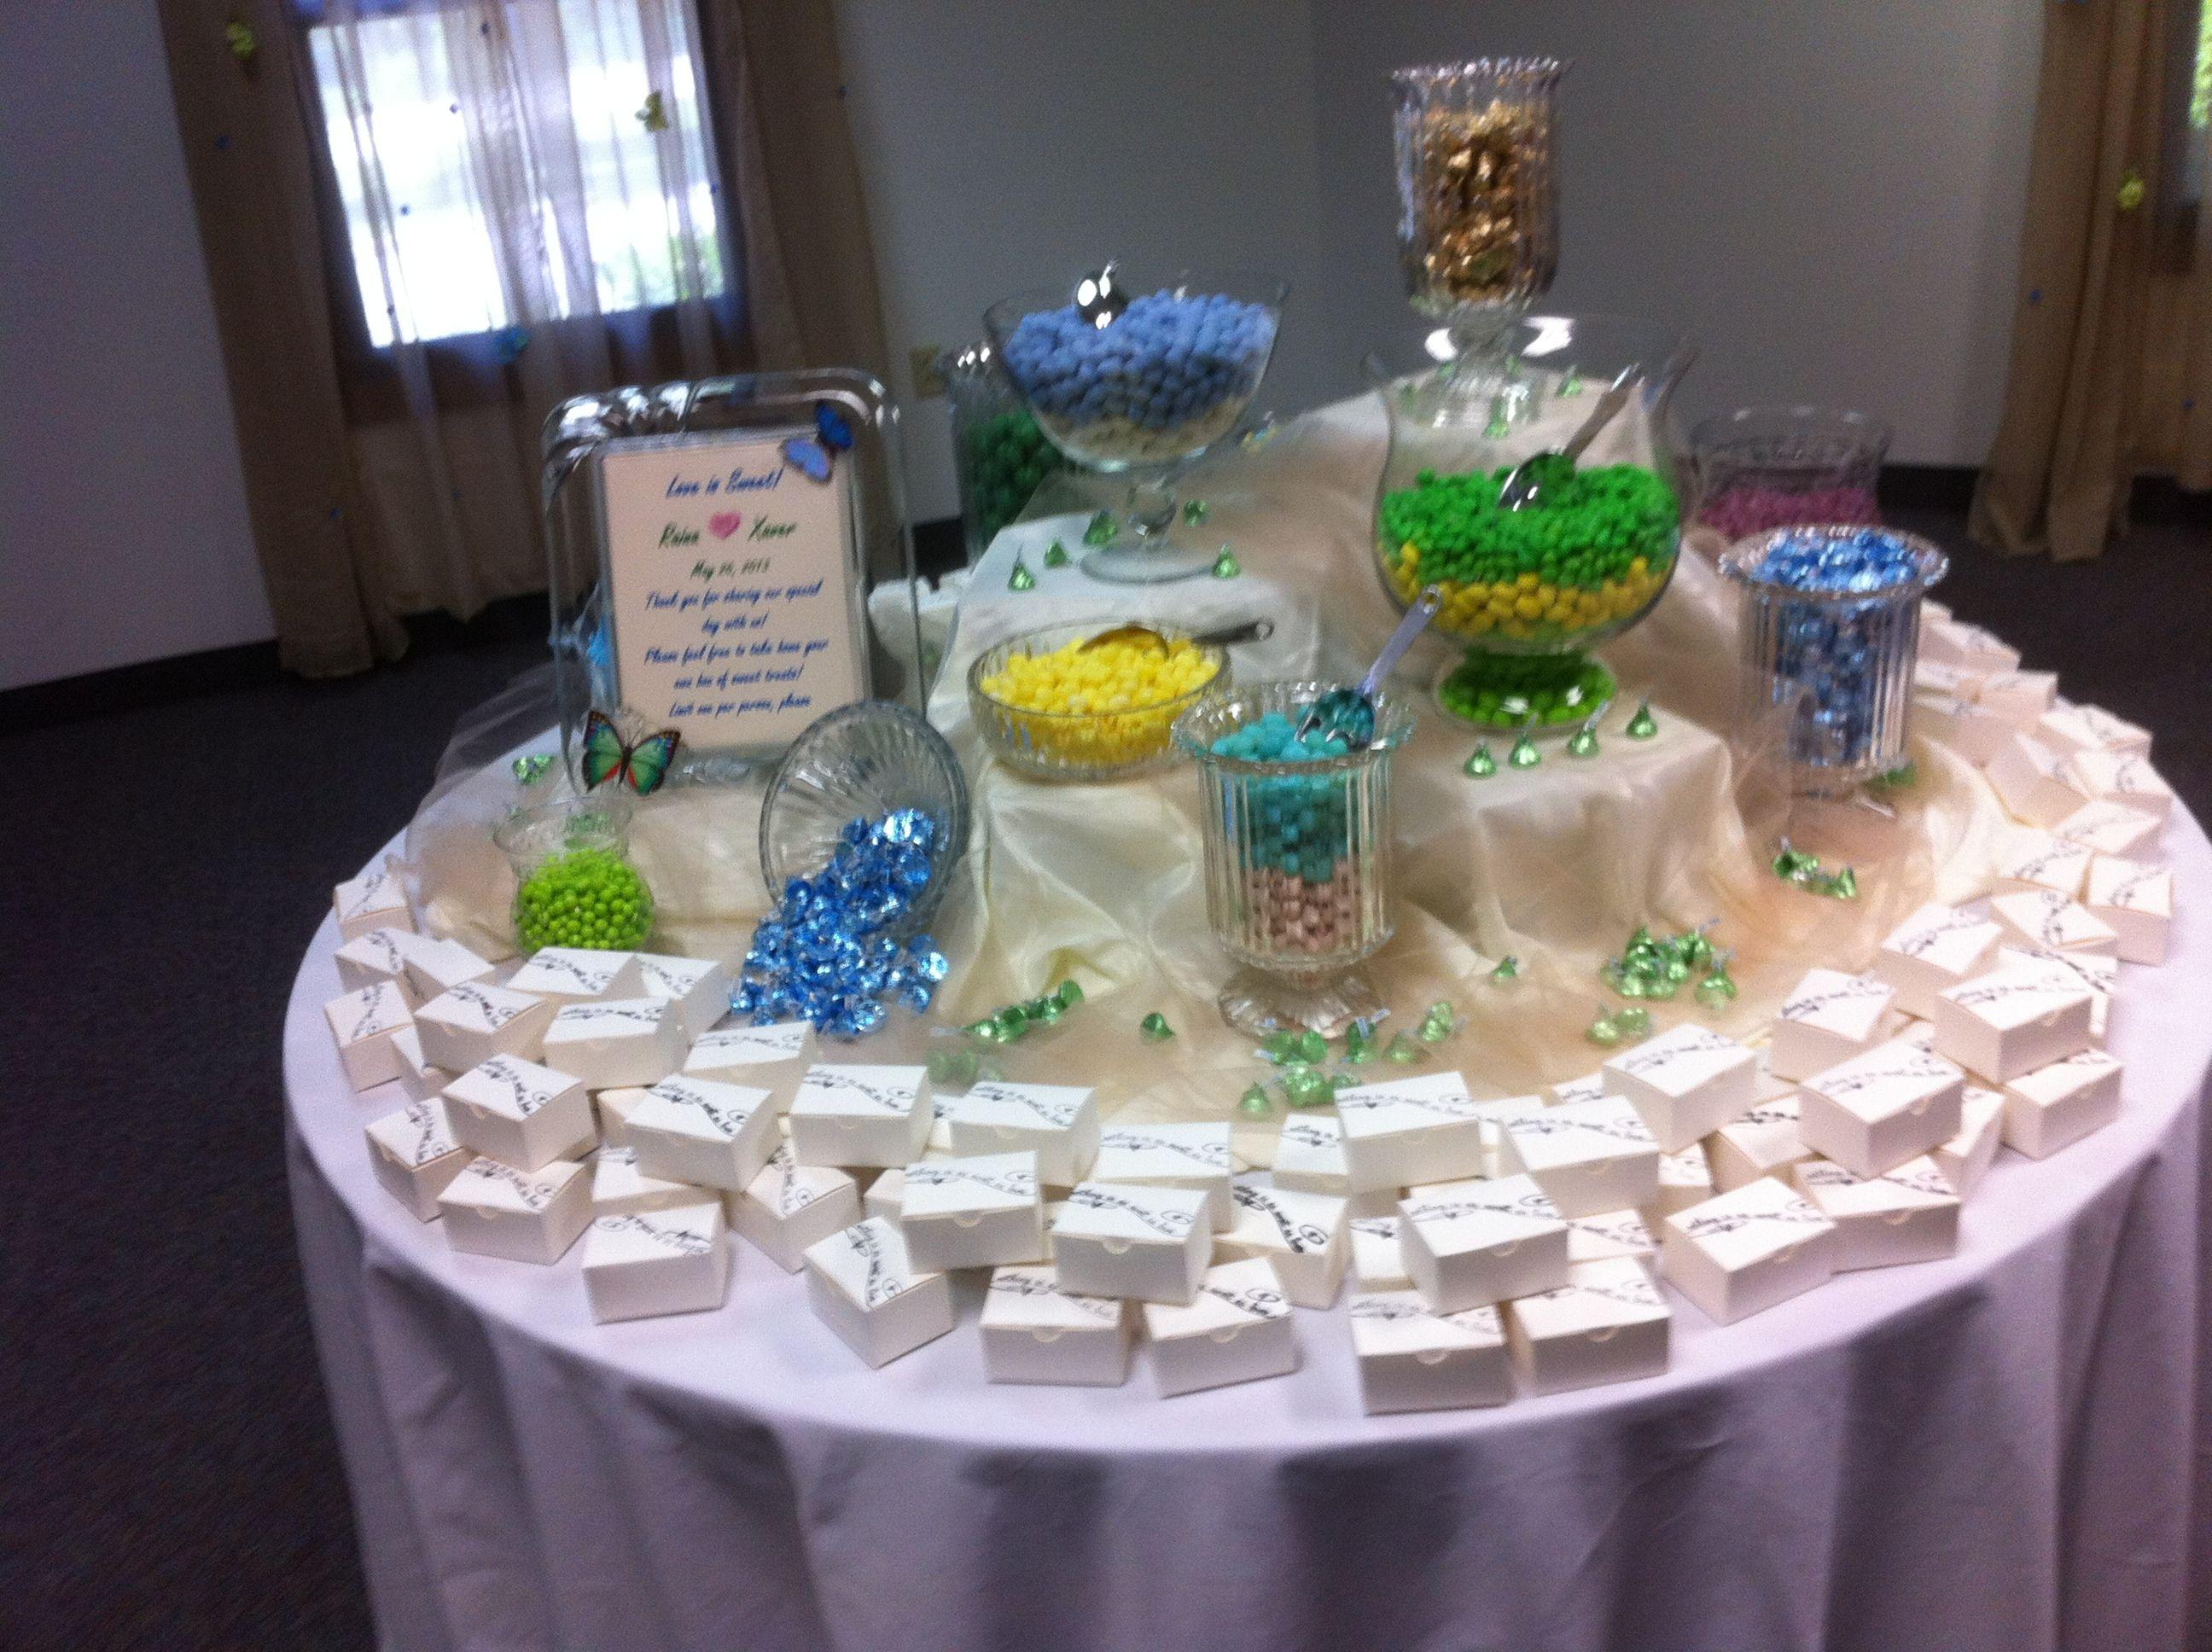 Candy Wedding Favor Ideas Pinterest : Candy bar, great wedding favor! Candy Bar Pinterest